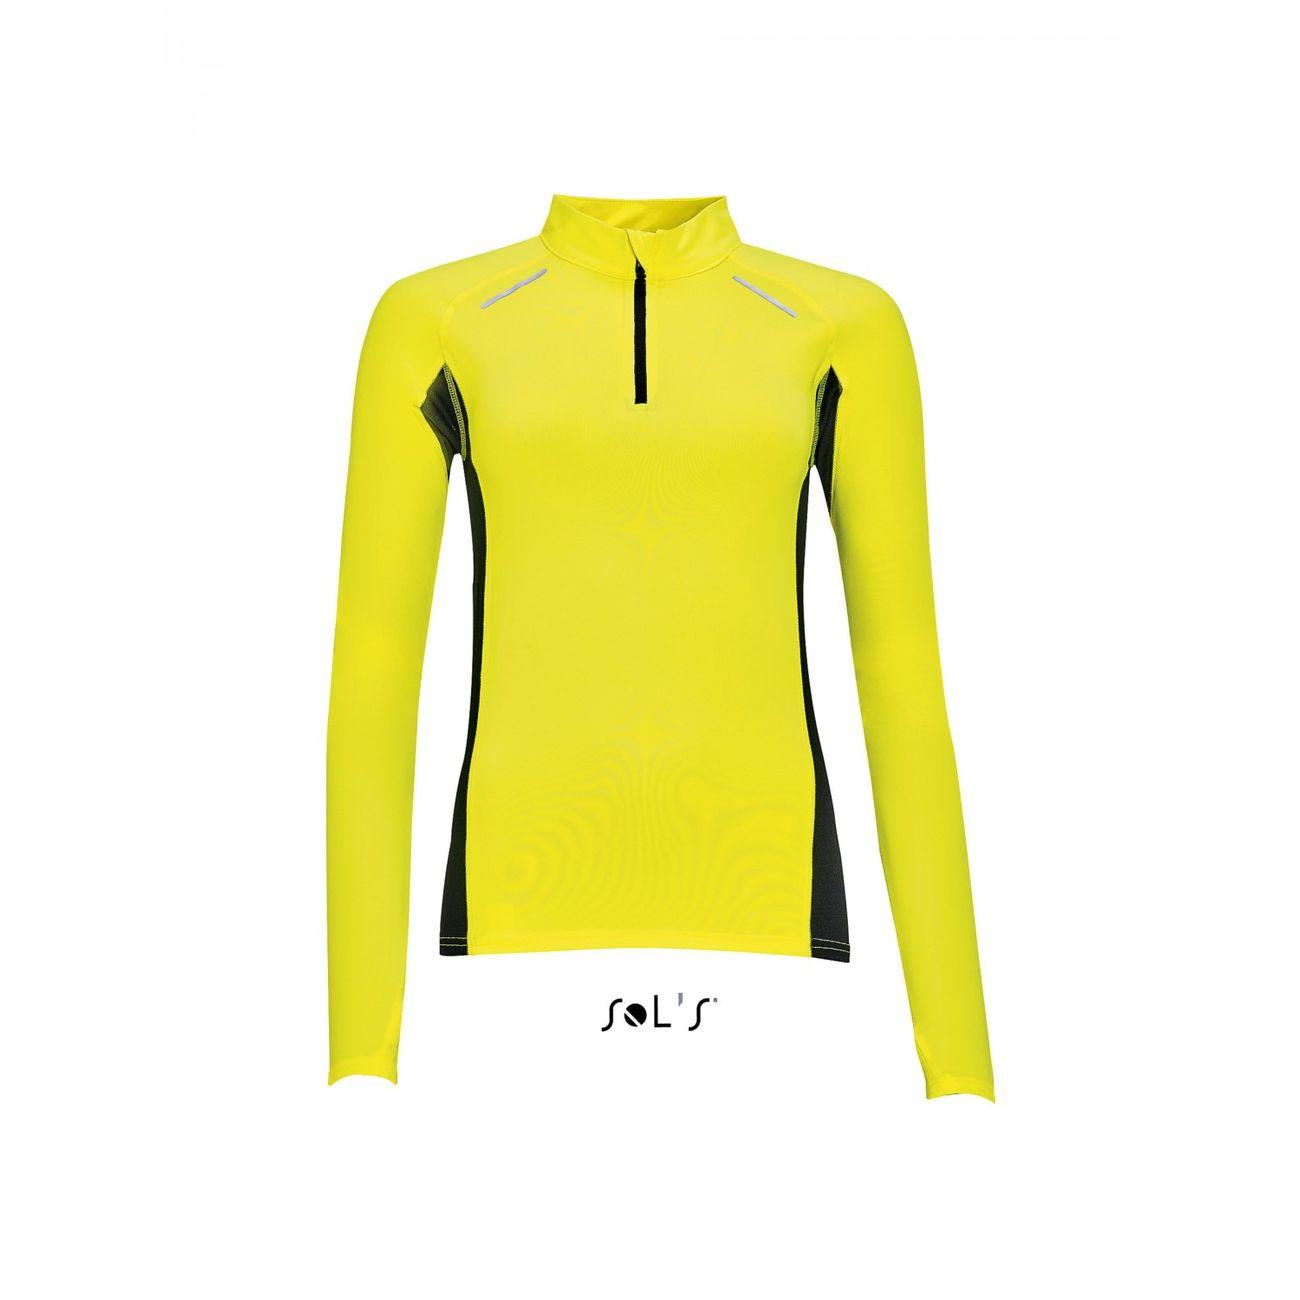 running femme SOL S t-shirt running manches longues - Femme - 01417 - jaune fluo